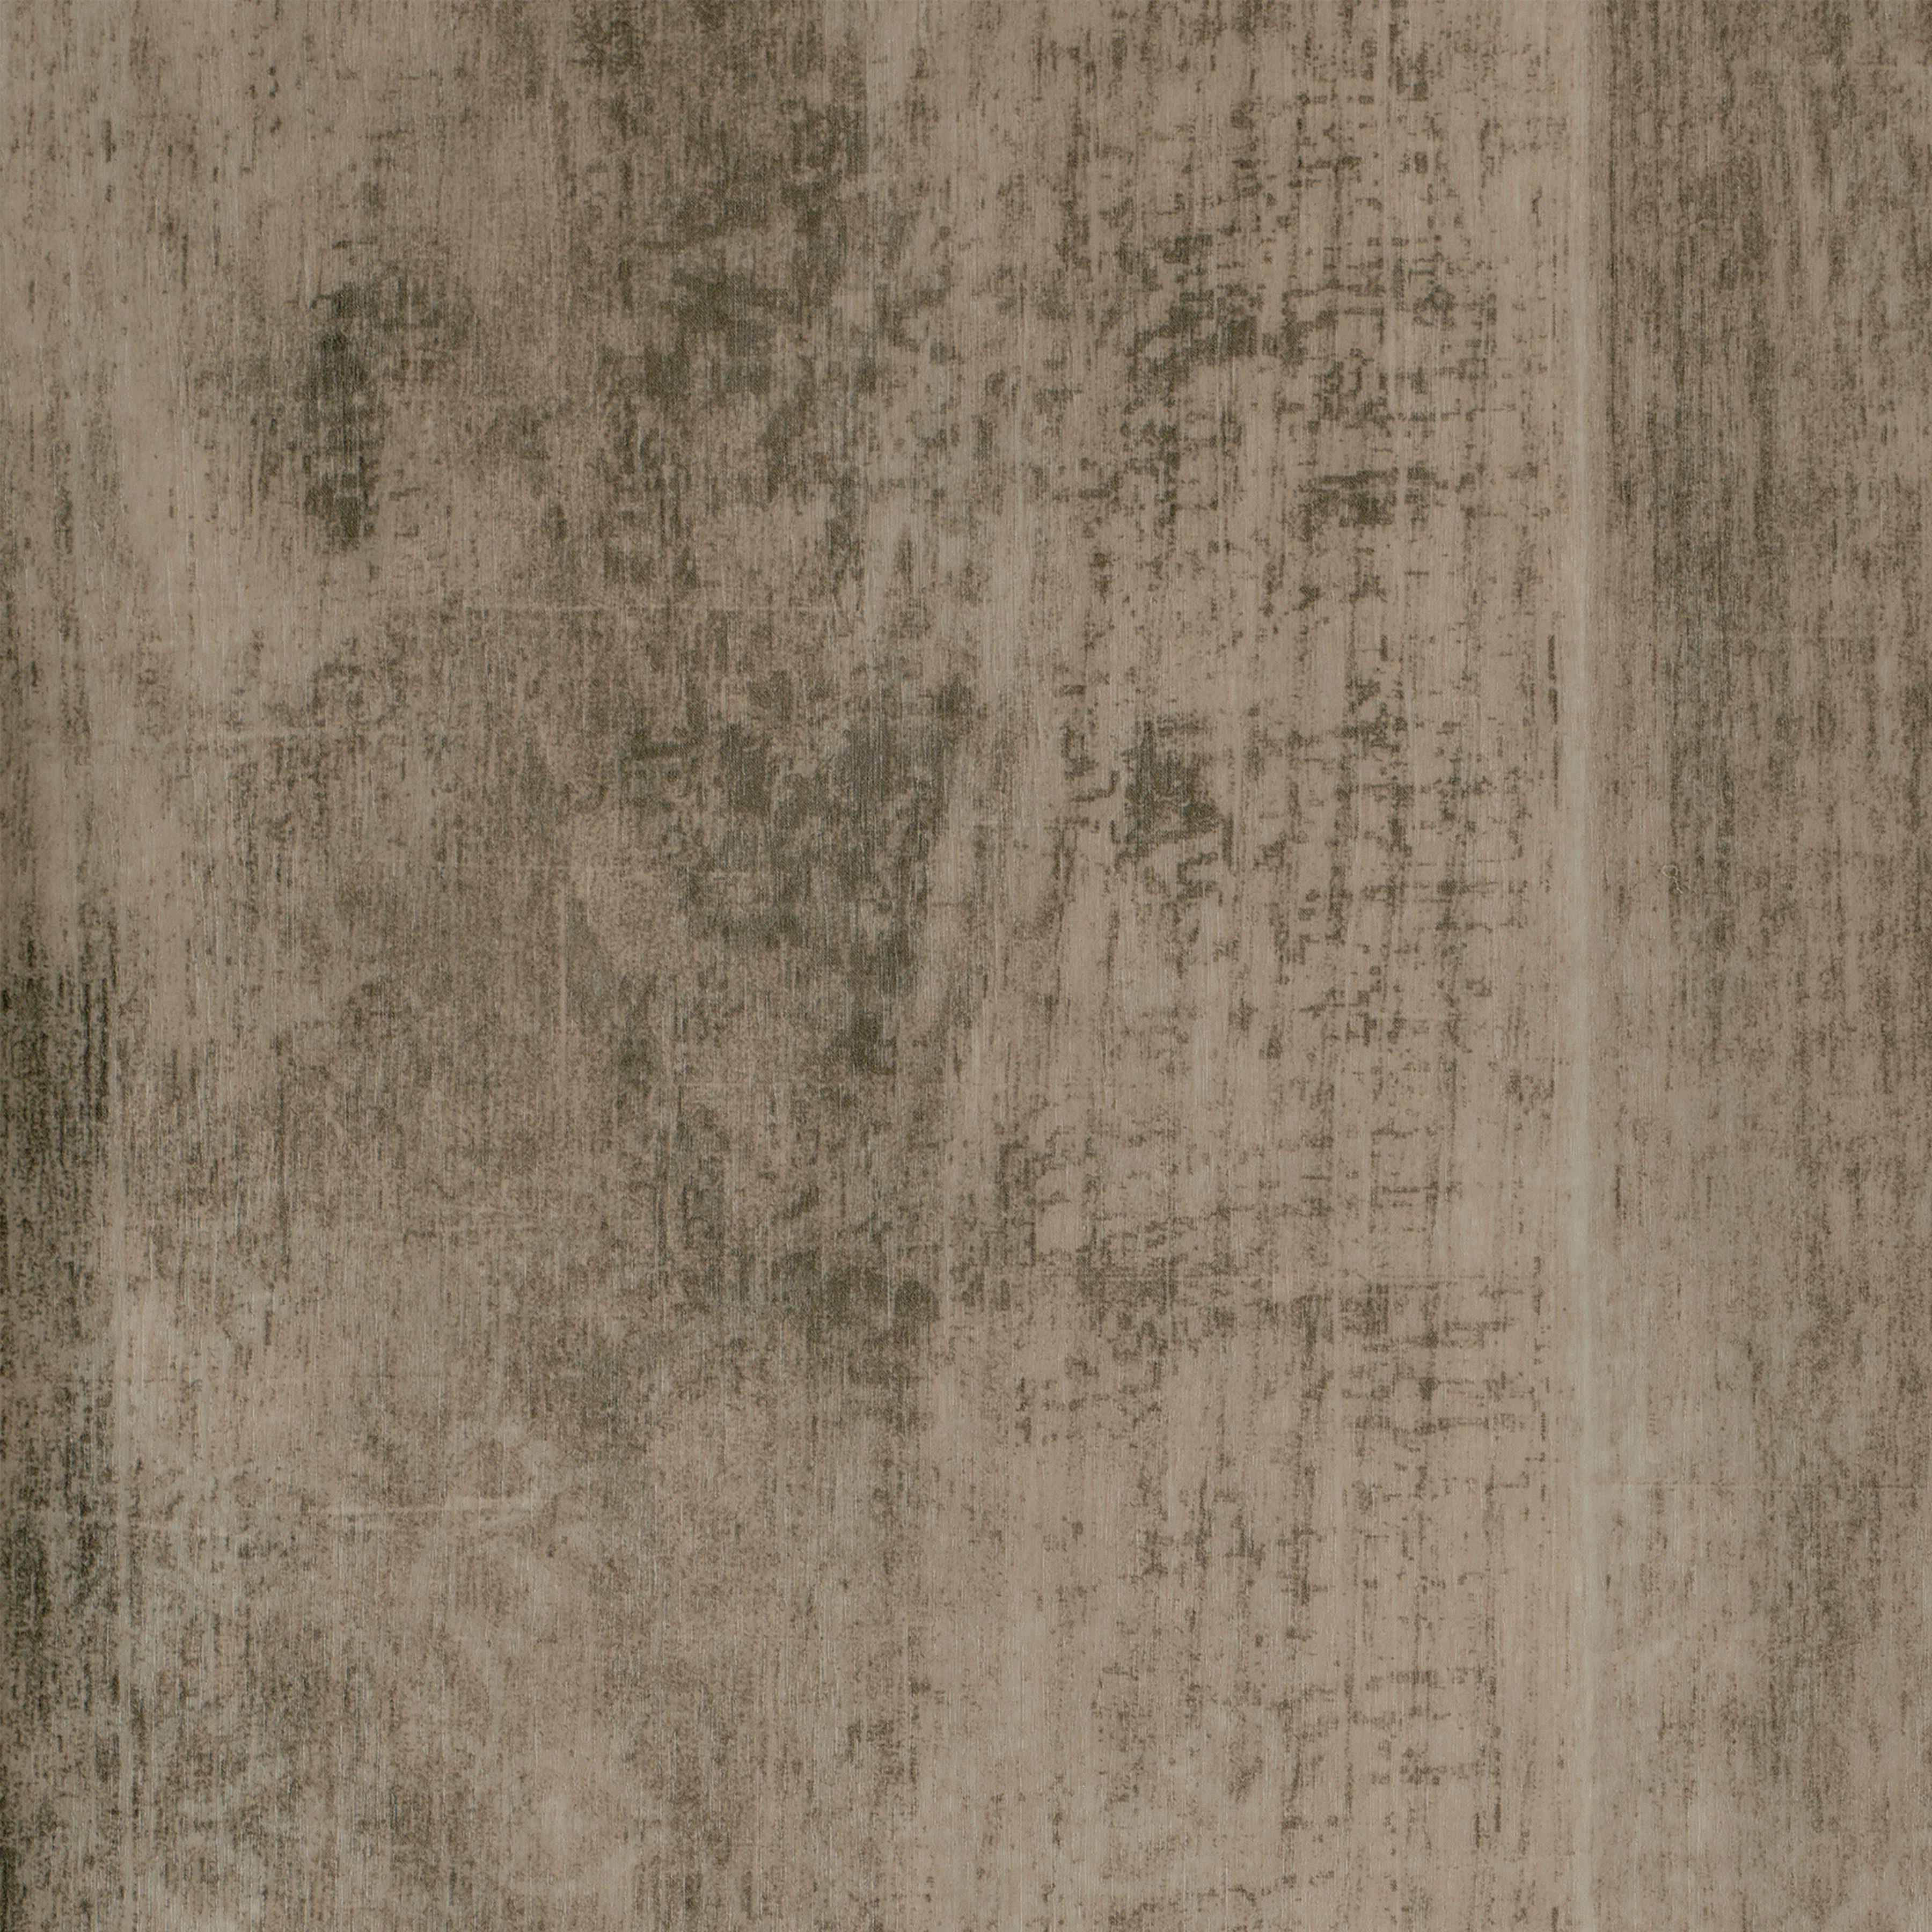 Variante: 3,5 x 2m Steinoptik Betonoptik hell-grau Vinylboden PVC Bodenbelag 200 Meterware 300 und 400 cm Breite